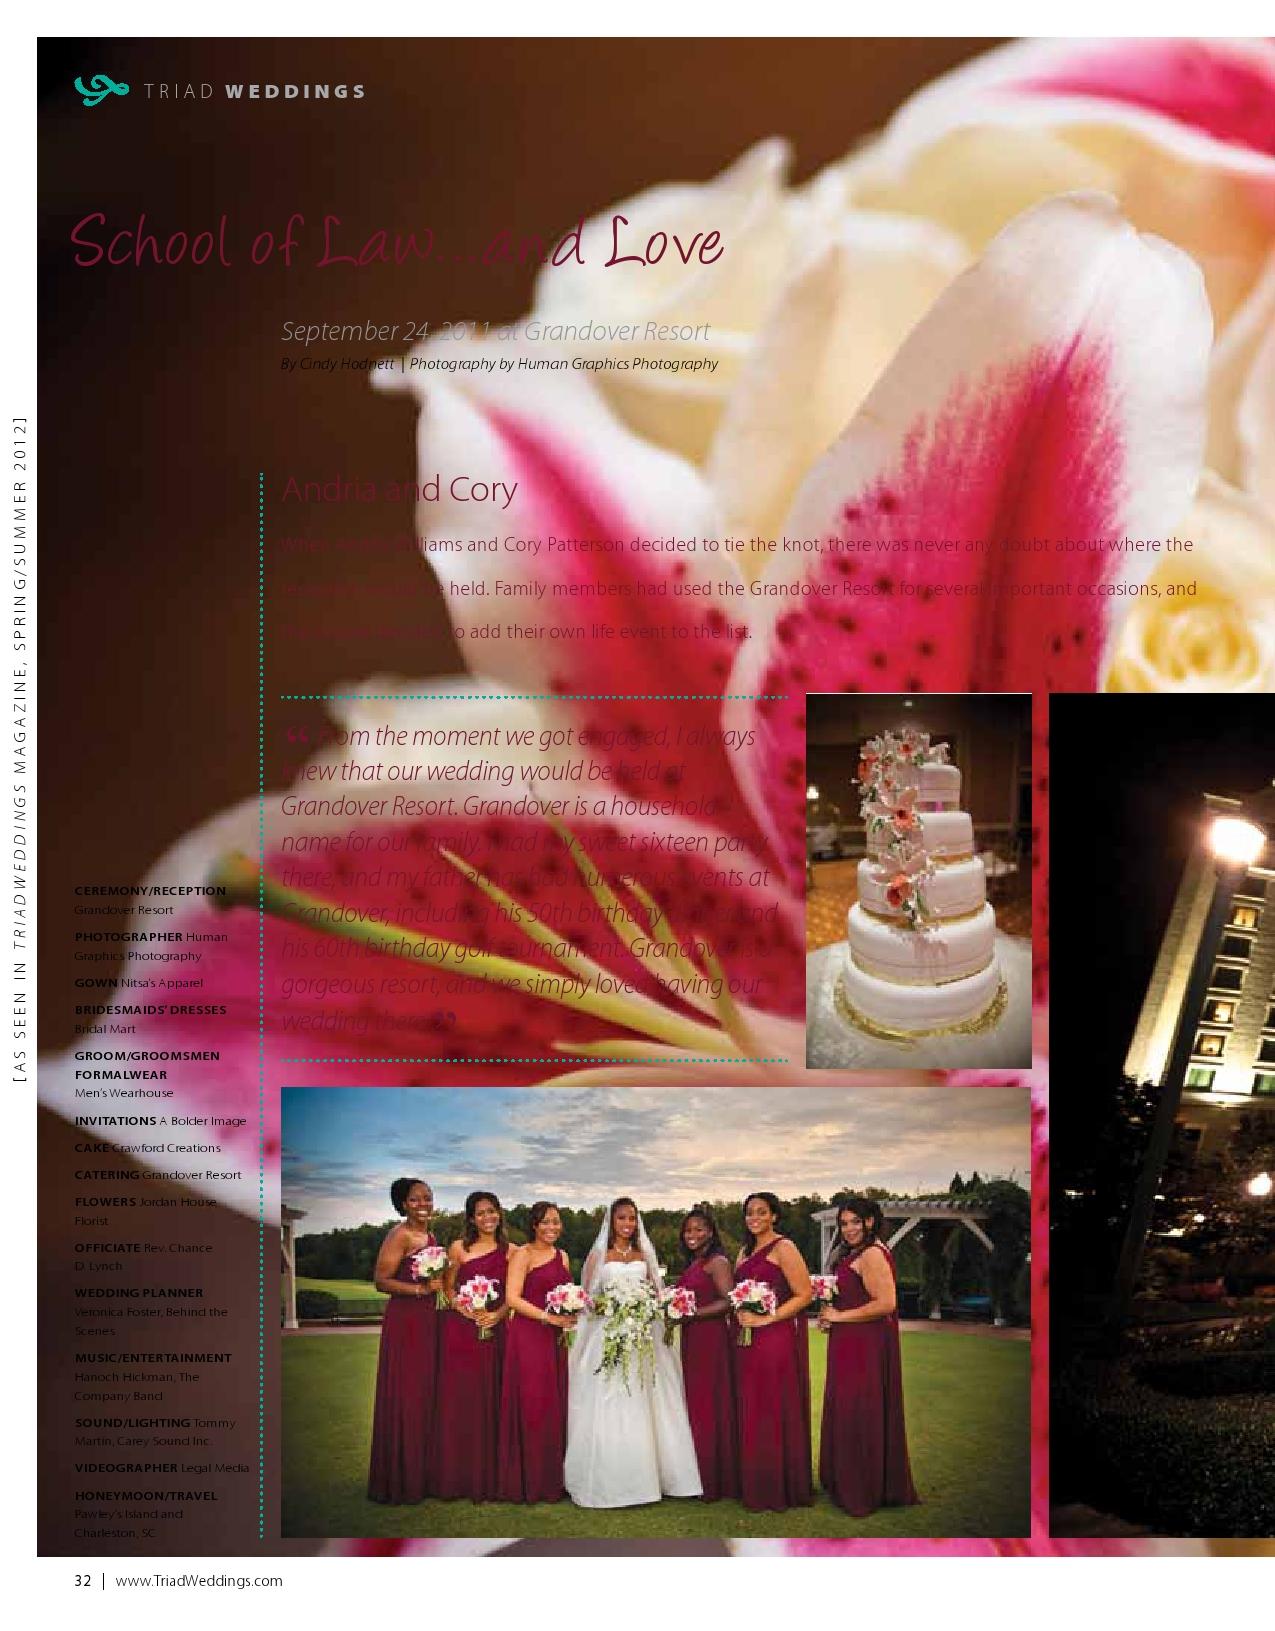 Triad Weddings Page 1.jpg